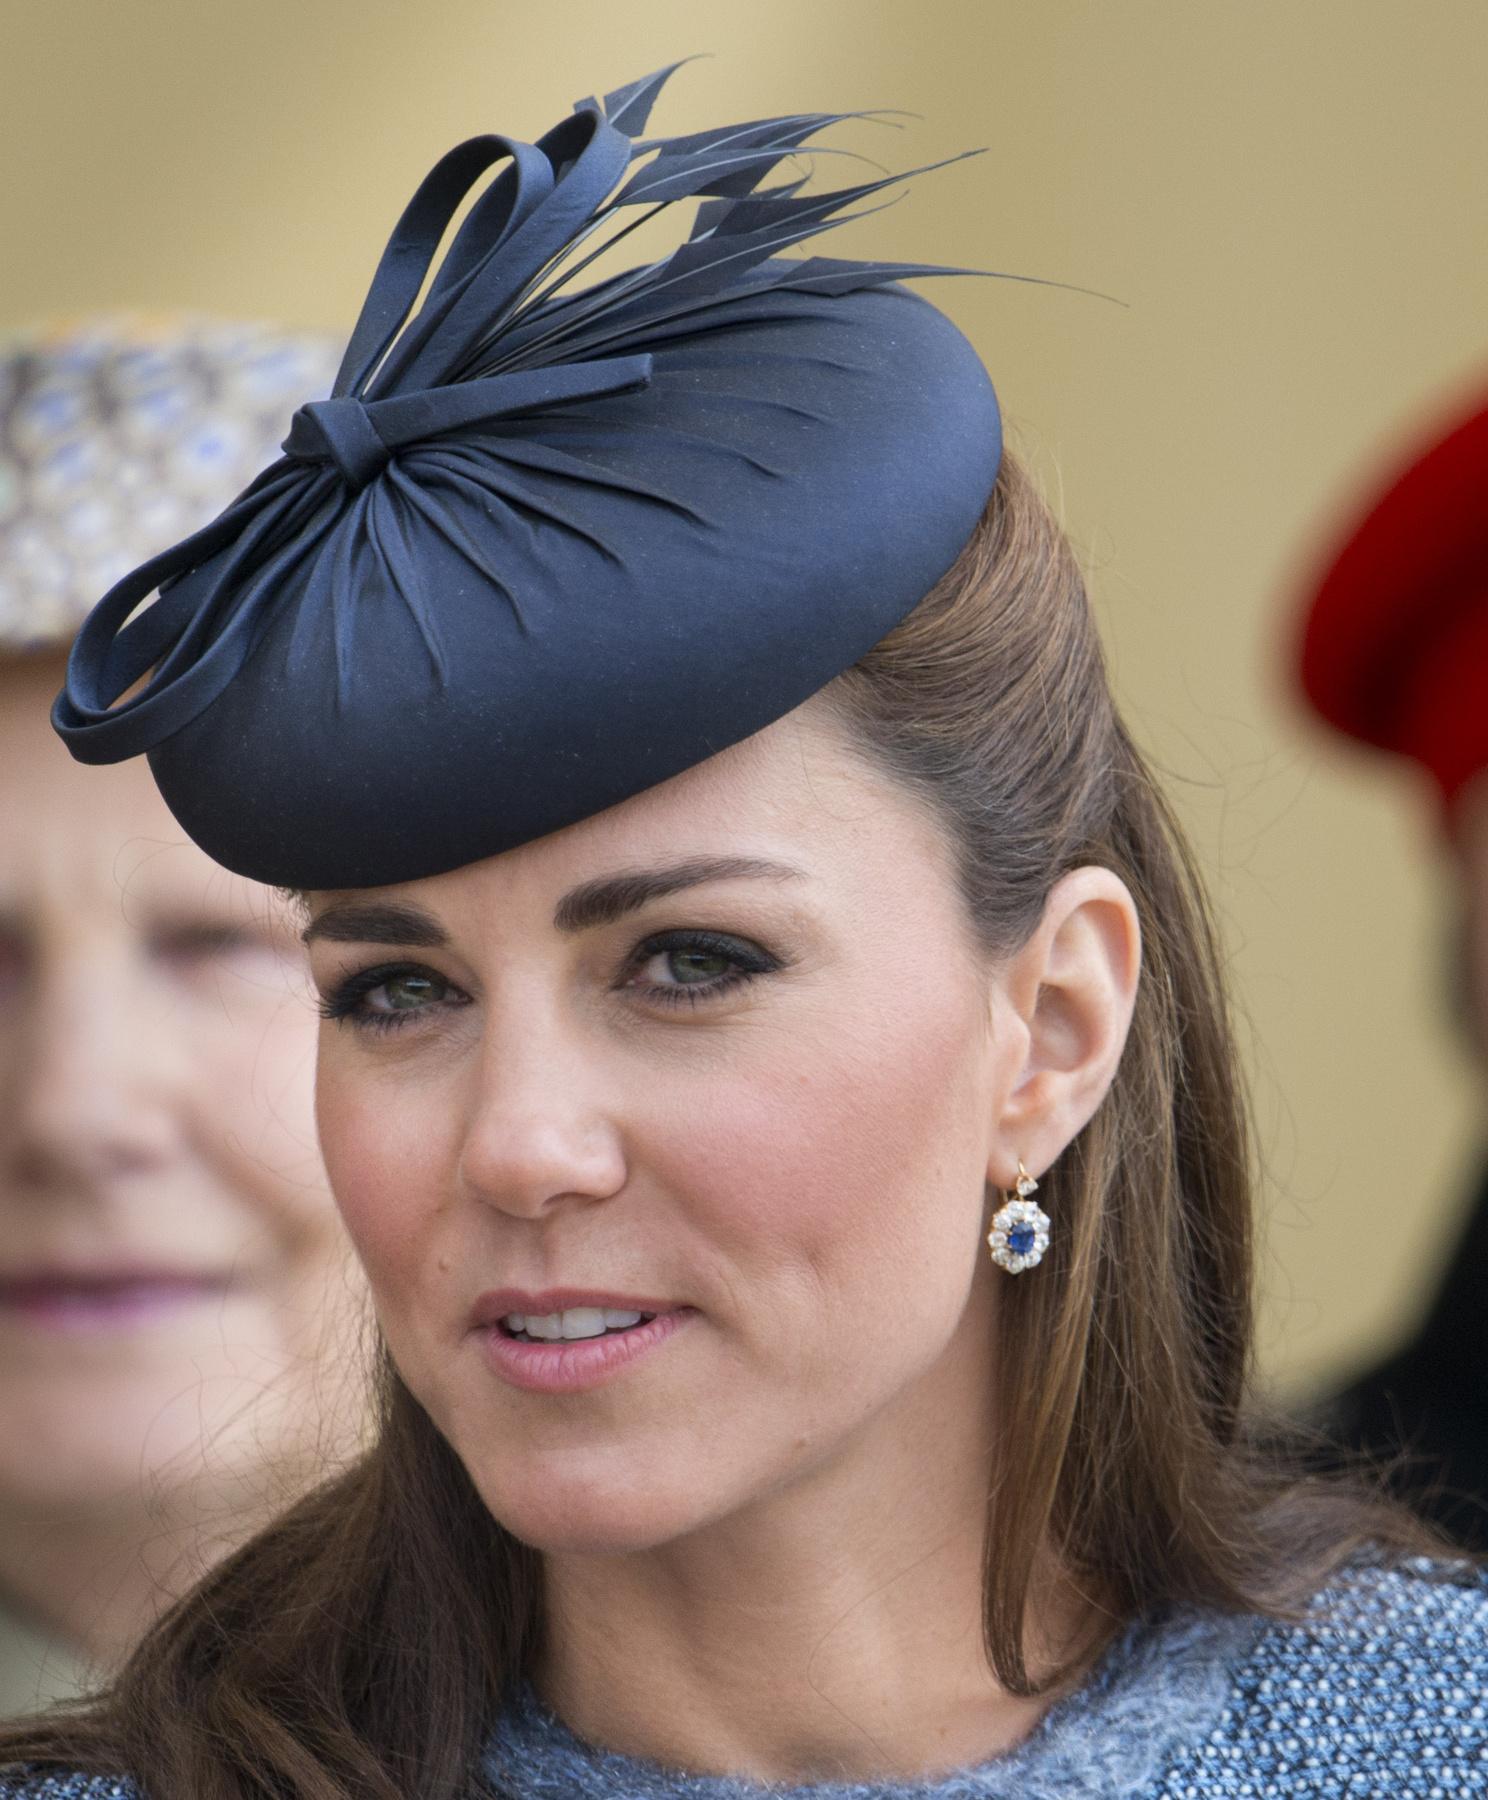 Ritkán látni a hercegnét cowboy kalapban, ezért ezzel a Kanadában lőtt képpel búcsúzunk.